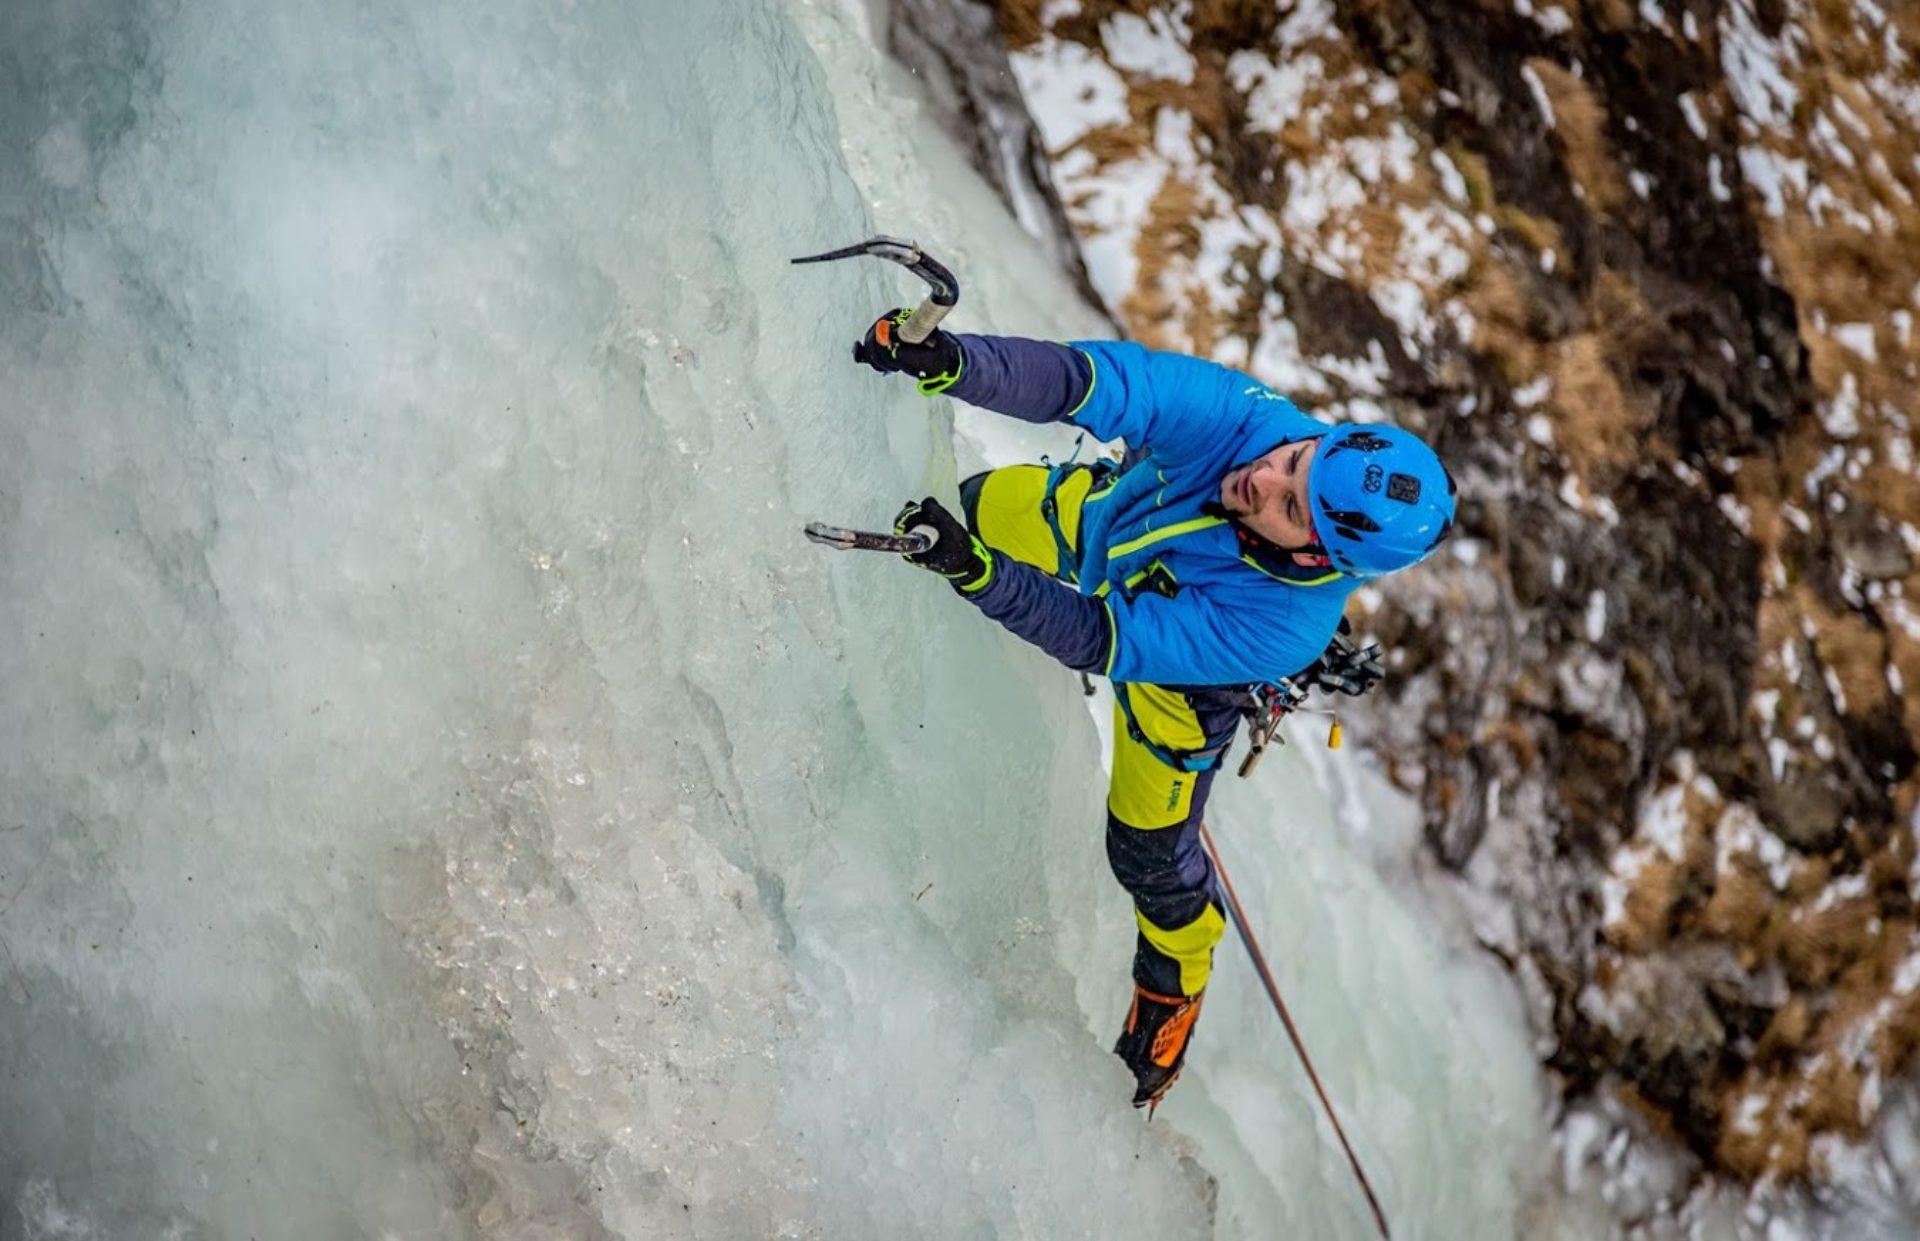 Arrampicata su ghiaccio Lombardia